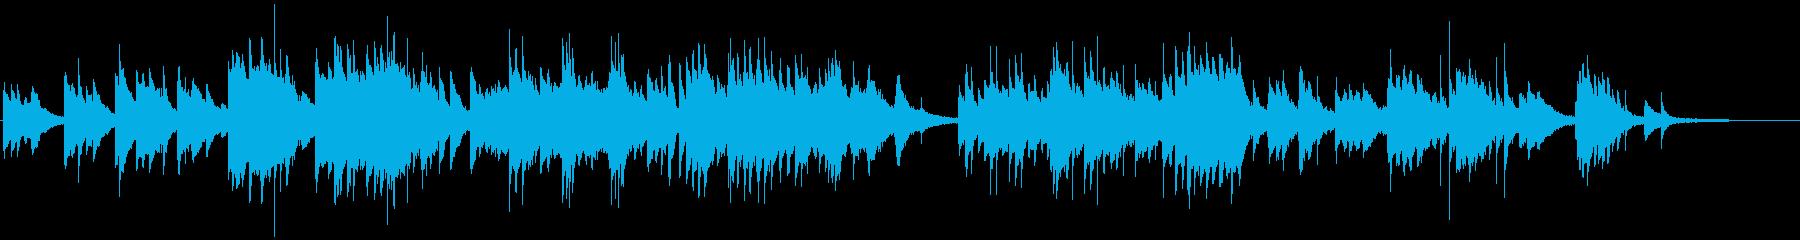 情感溢れる感動的なピアノバラードの再生済みの波形